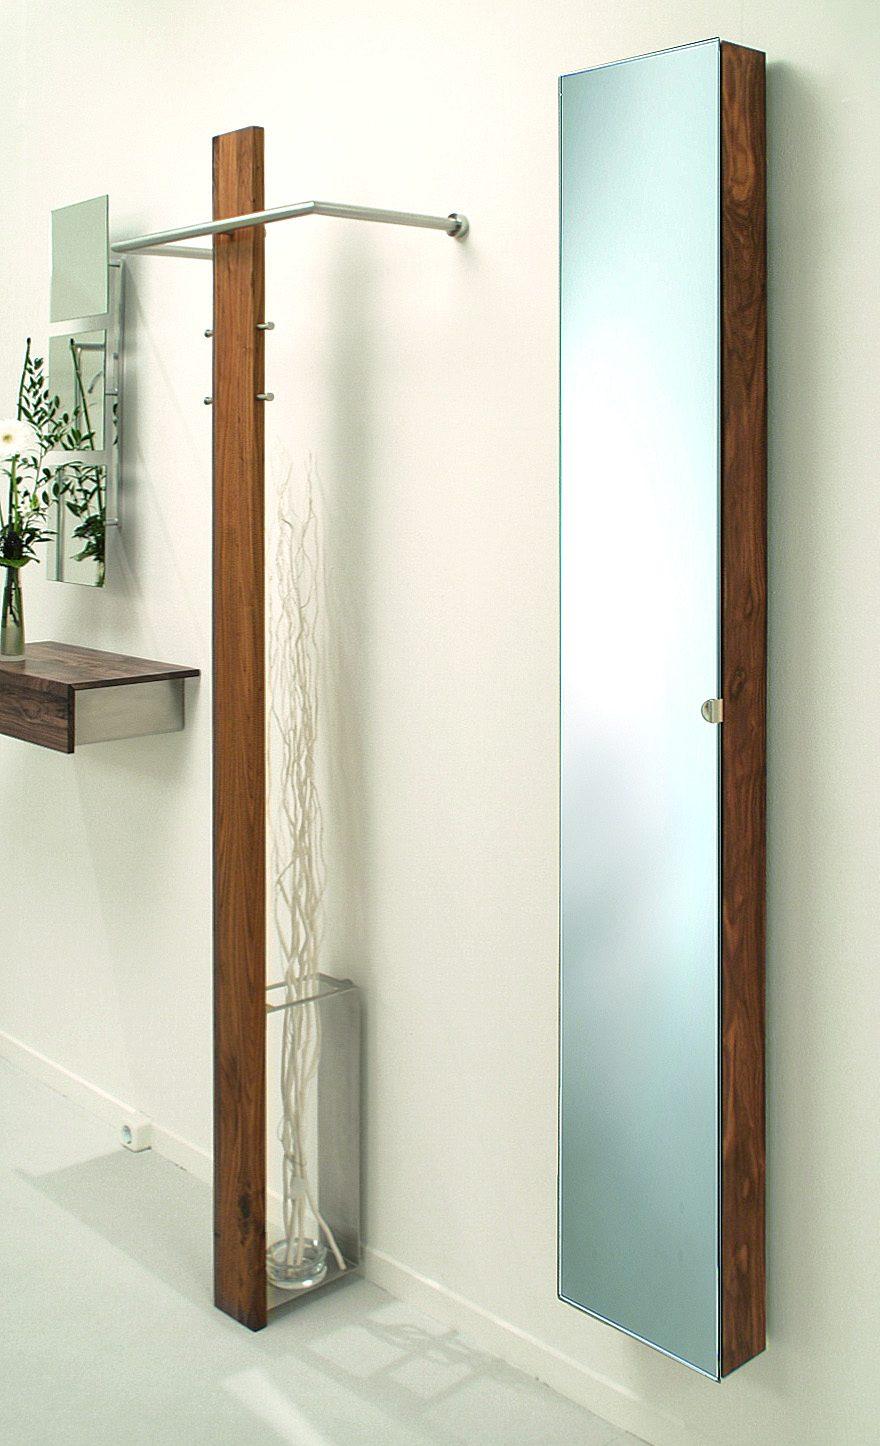 eleganter spiegelschrank h he x breite x tiefe 175 5 x 27 5 x 12 cm aus nussbaum massiv. Black Bedroom Furniture Sets. Home Design Ideas